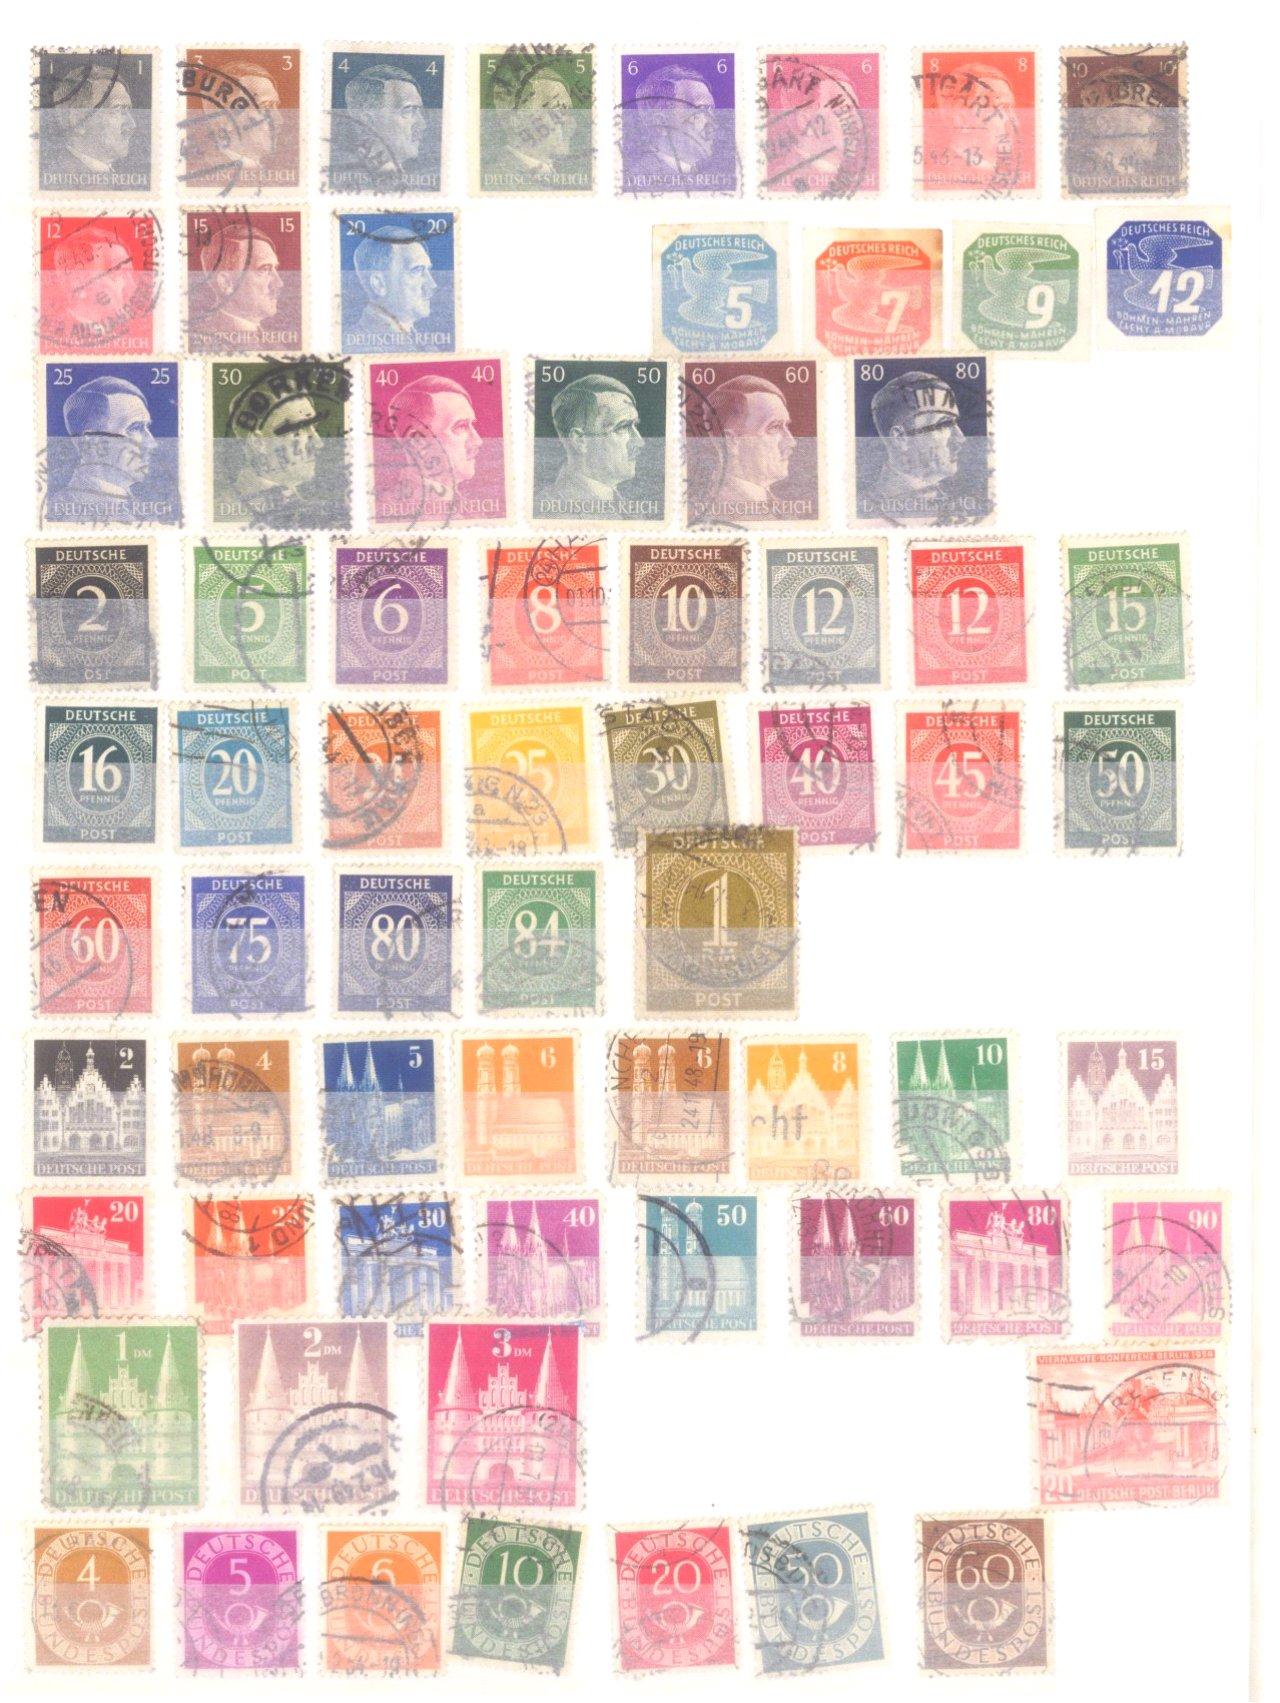 Kleine Sammlung Deutsches Reich, Bund, Alle Welt, DDR-3